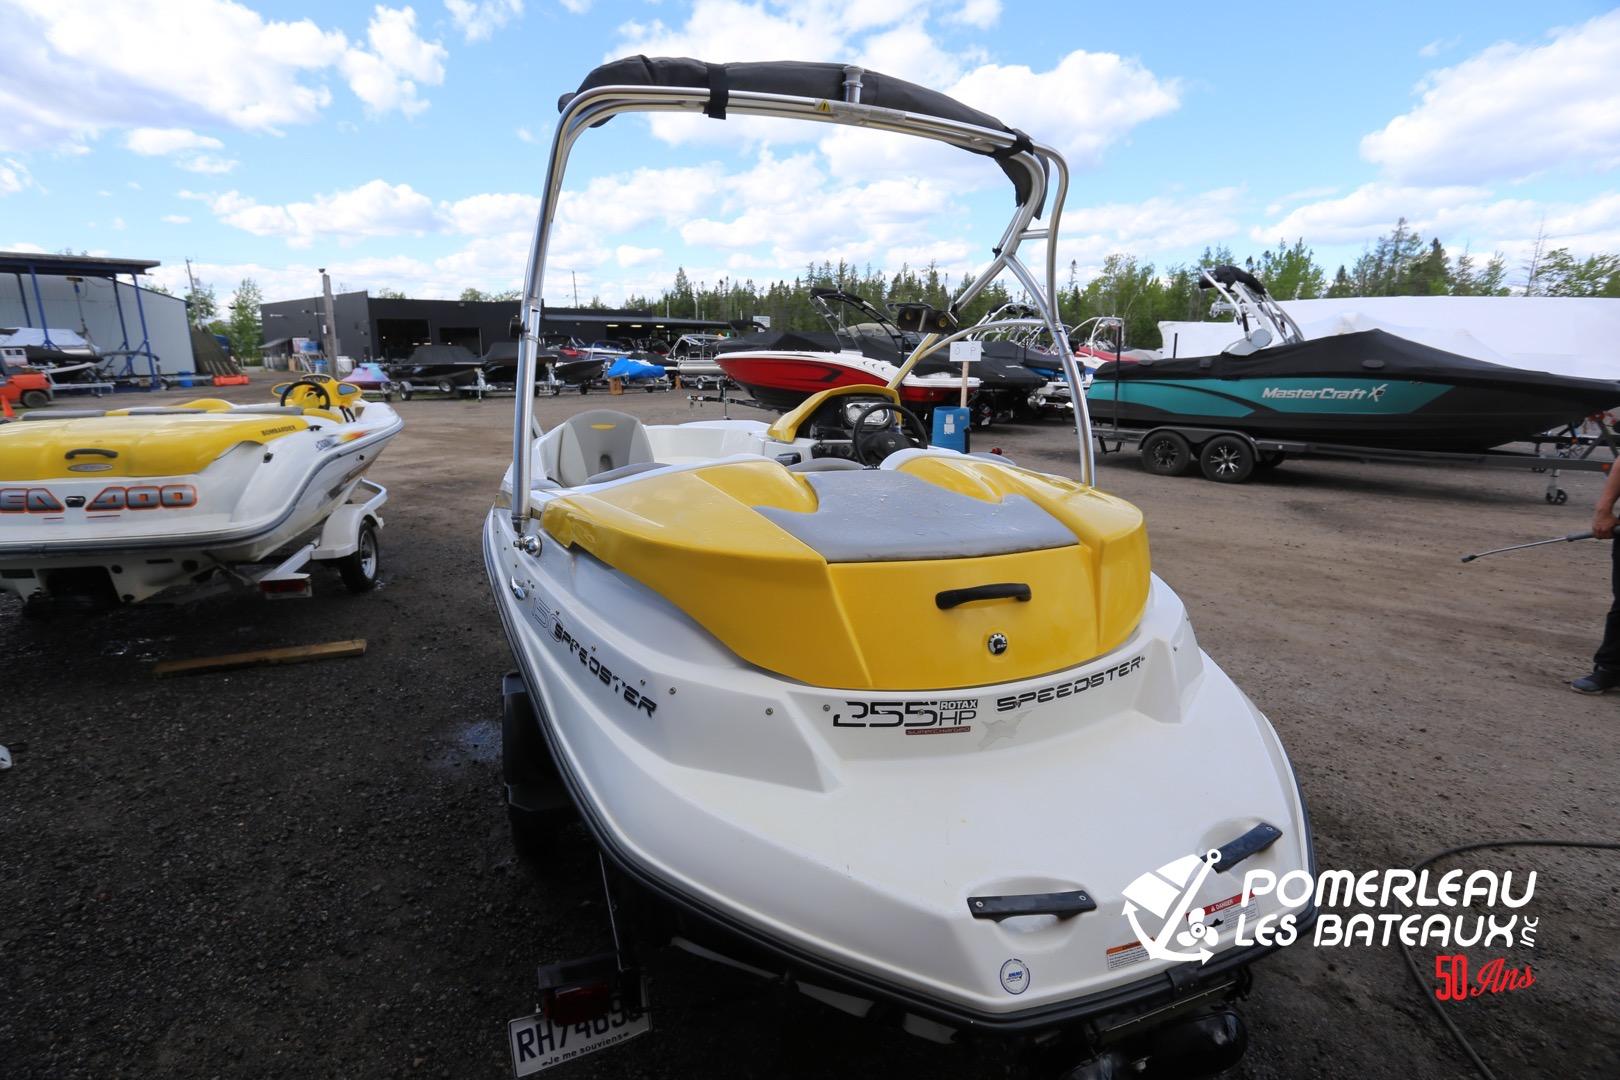 Sea-Doo/BRP Speedster 150 - IMG_3799